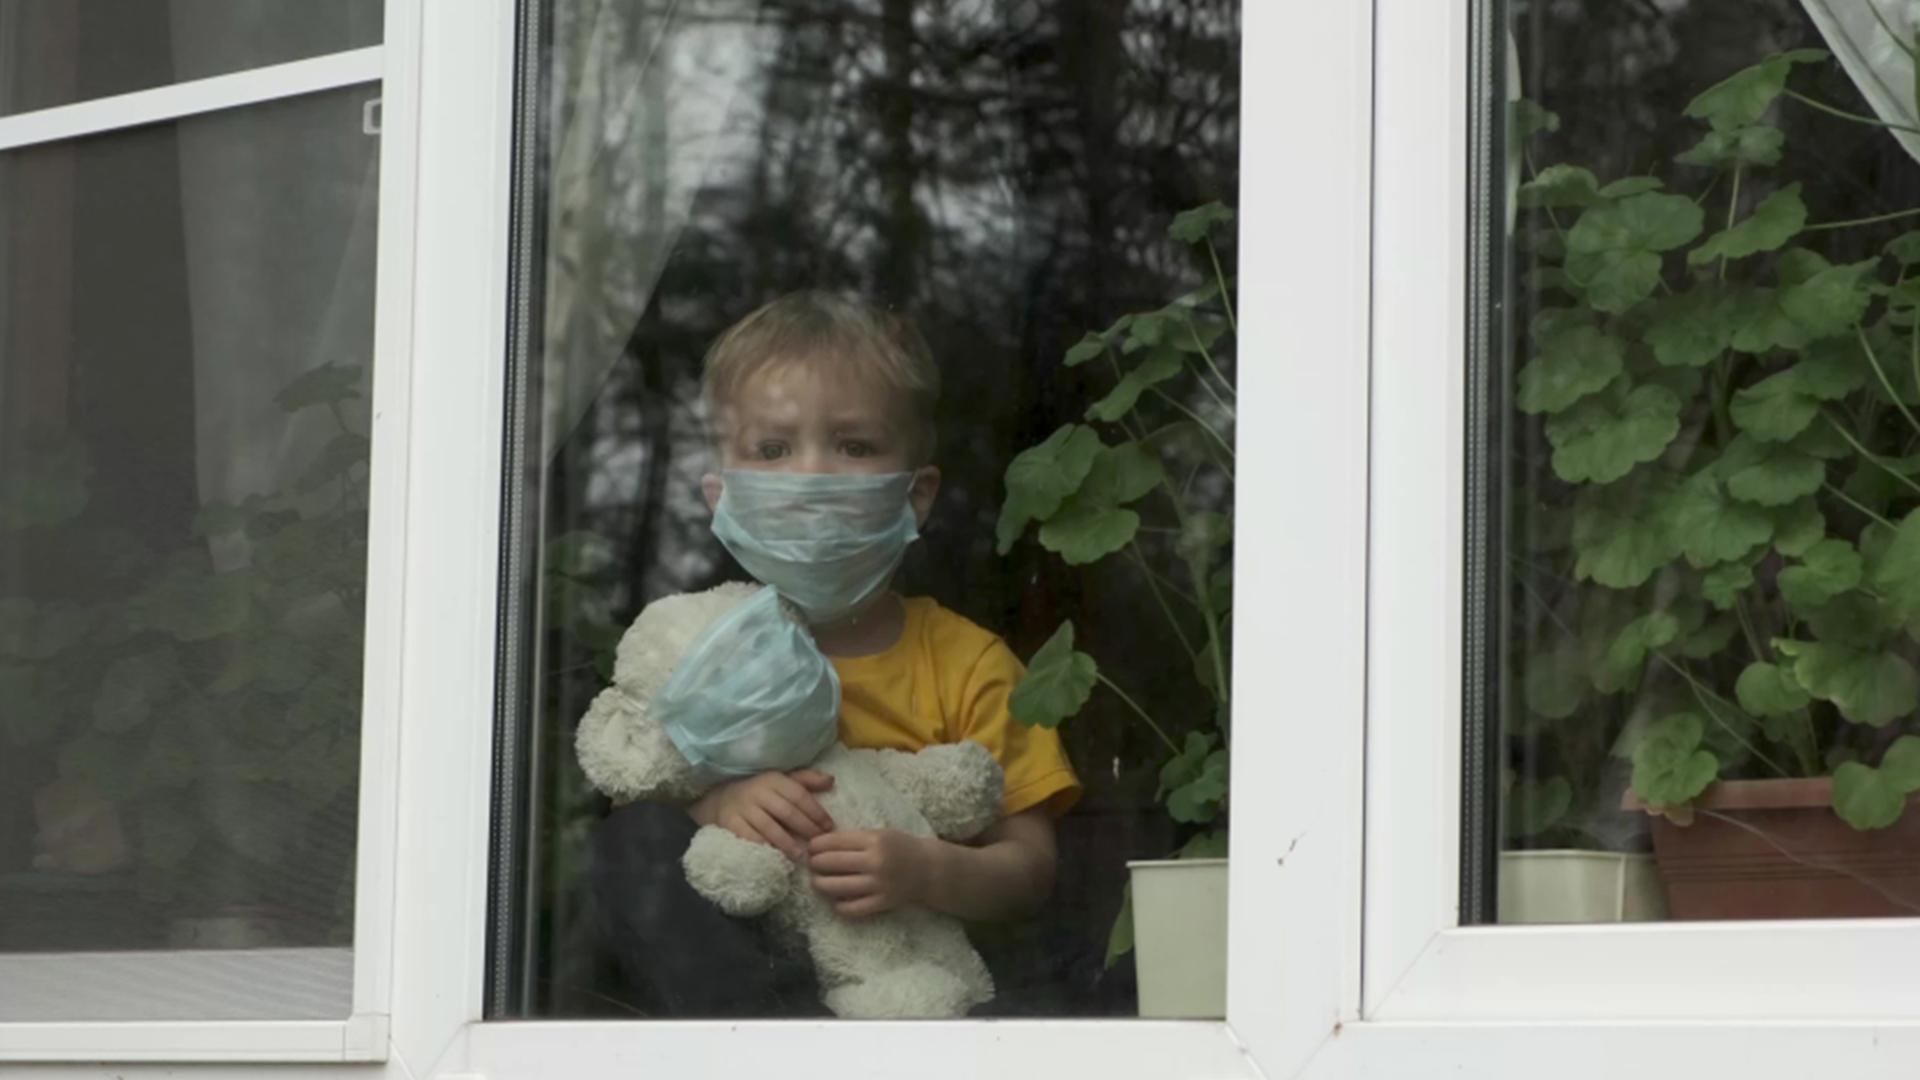 Avusturya'da koronavirüs nedeniyle oluşabilecek aile içi şiddete karşı önlemler: En sert şekilde müdahalede bulunacağız